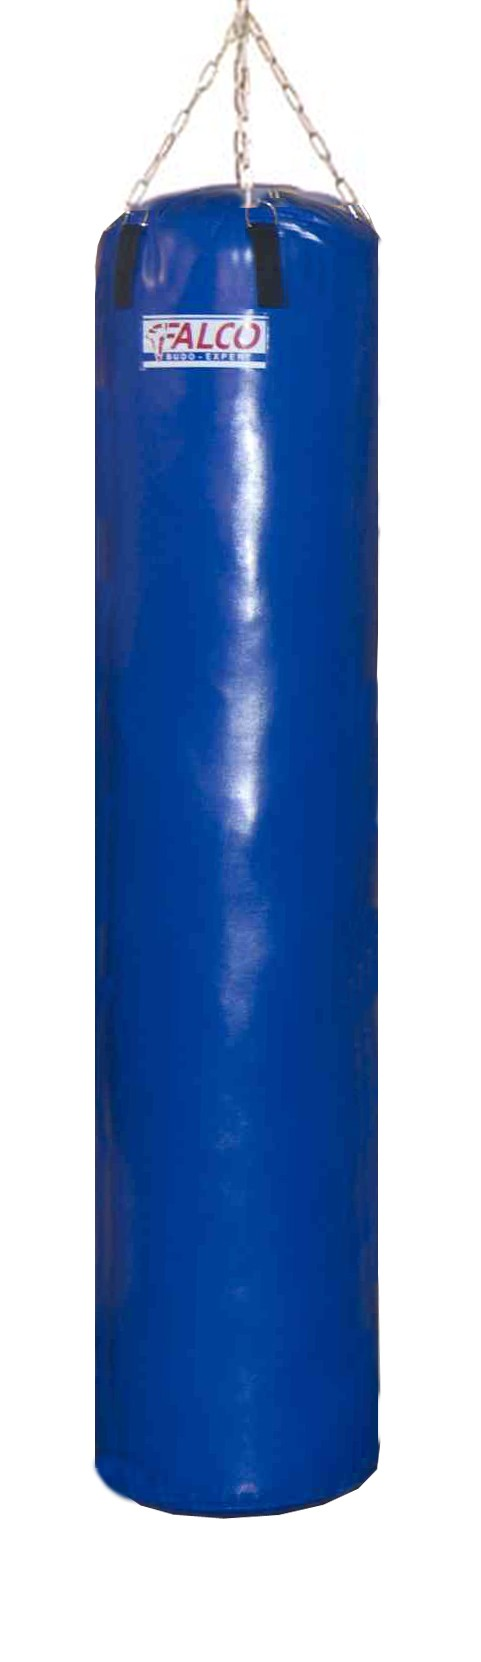 Bokso maišai Falco mėlyni (ilgis nuo 60 iki 180 cm)